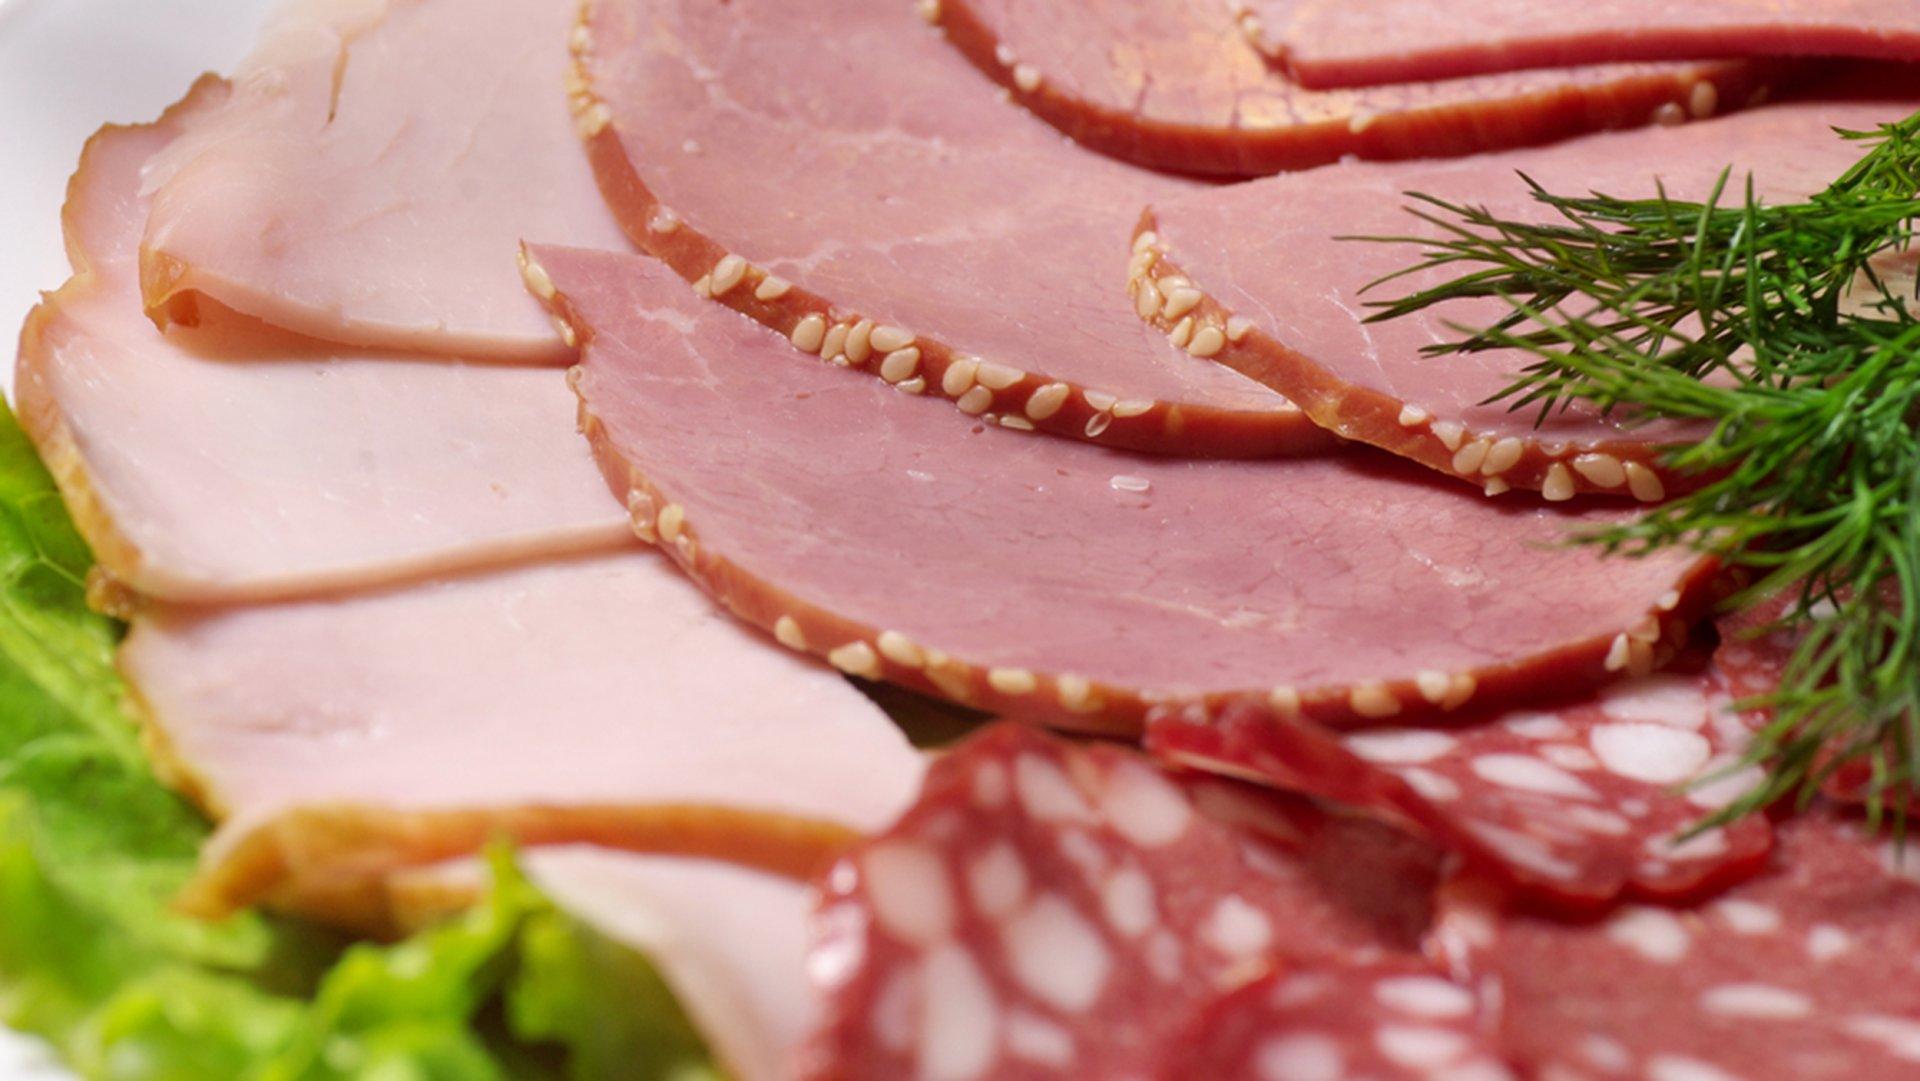 Гахайн мах, өөхний орцтой хиамыг хүнсэнд хэрэглэж болох уу?